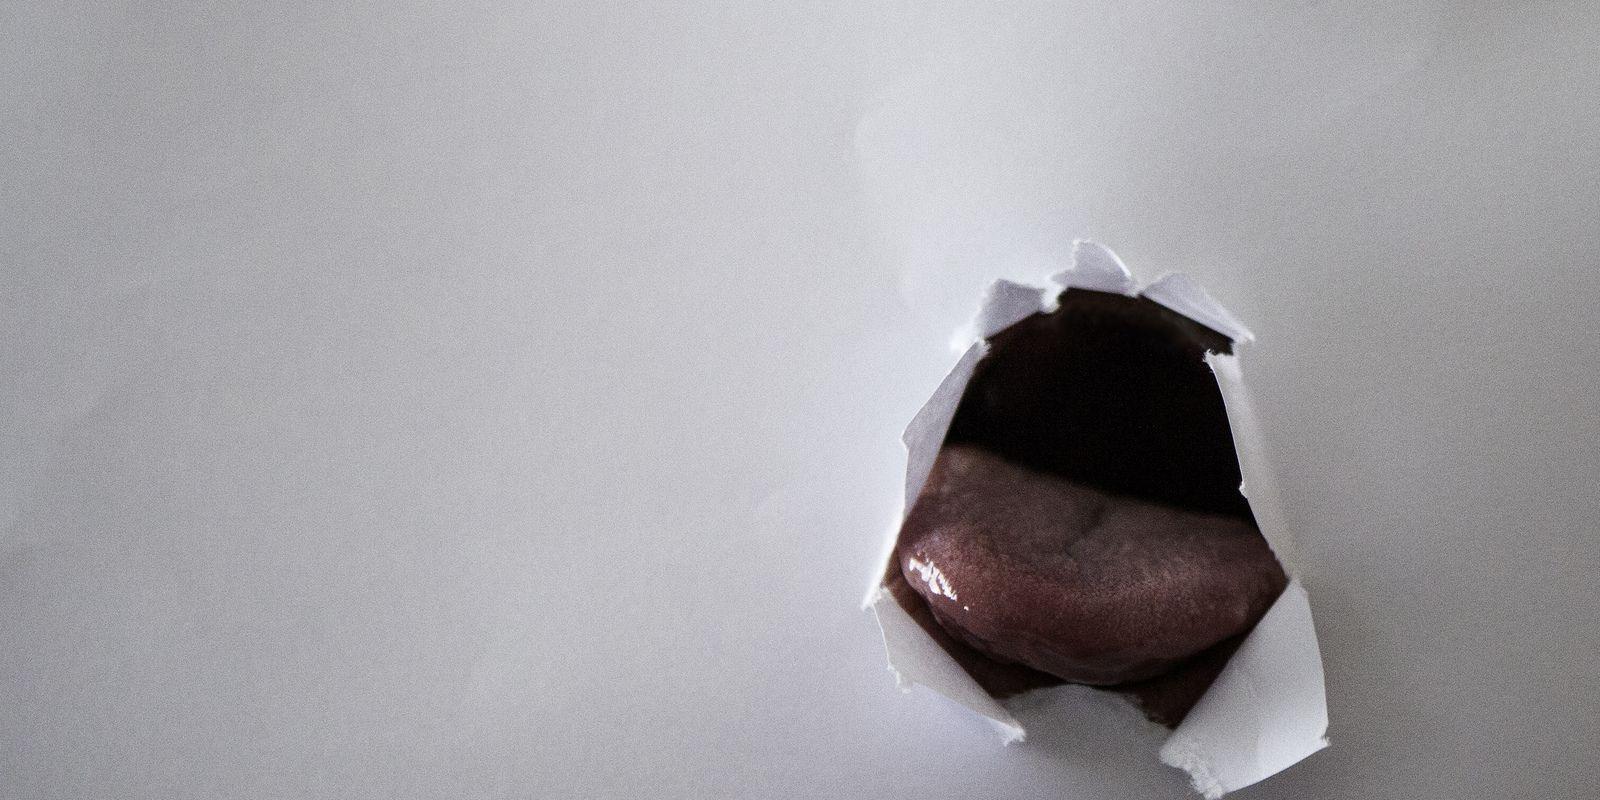 ¿Qué parte de la lengua detecta el sabor amargo?